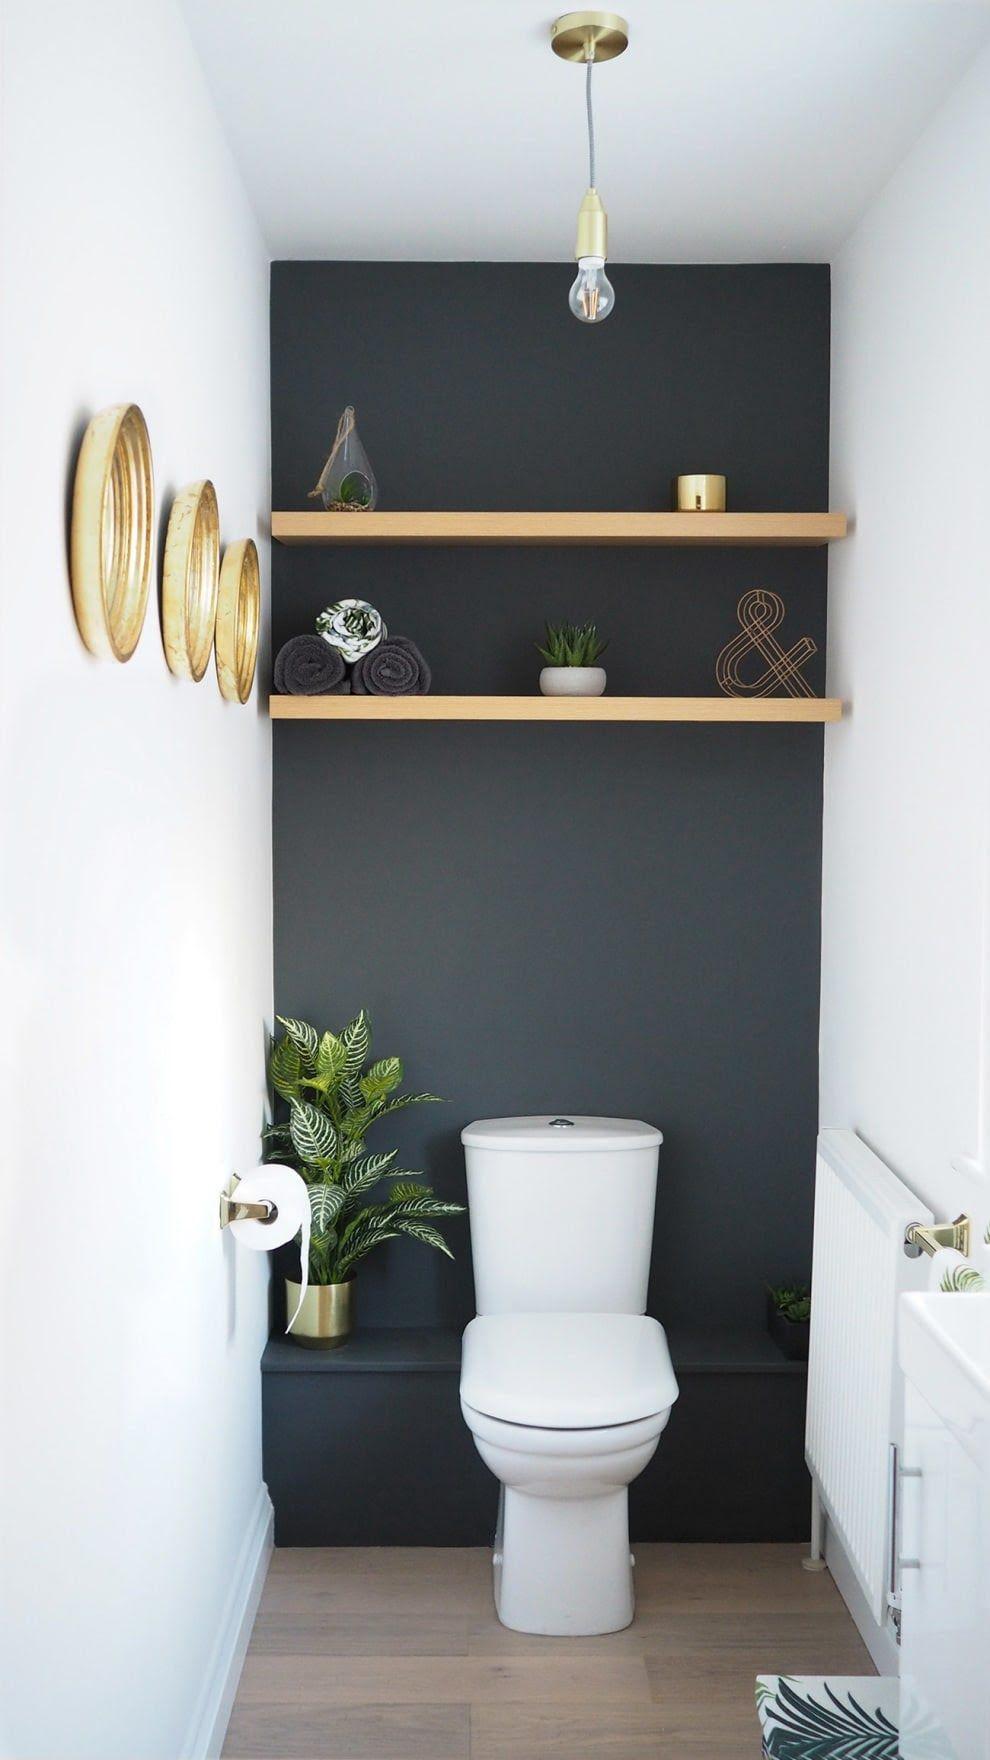 23 idées géniales d'aménagement pour les petits intérieurs